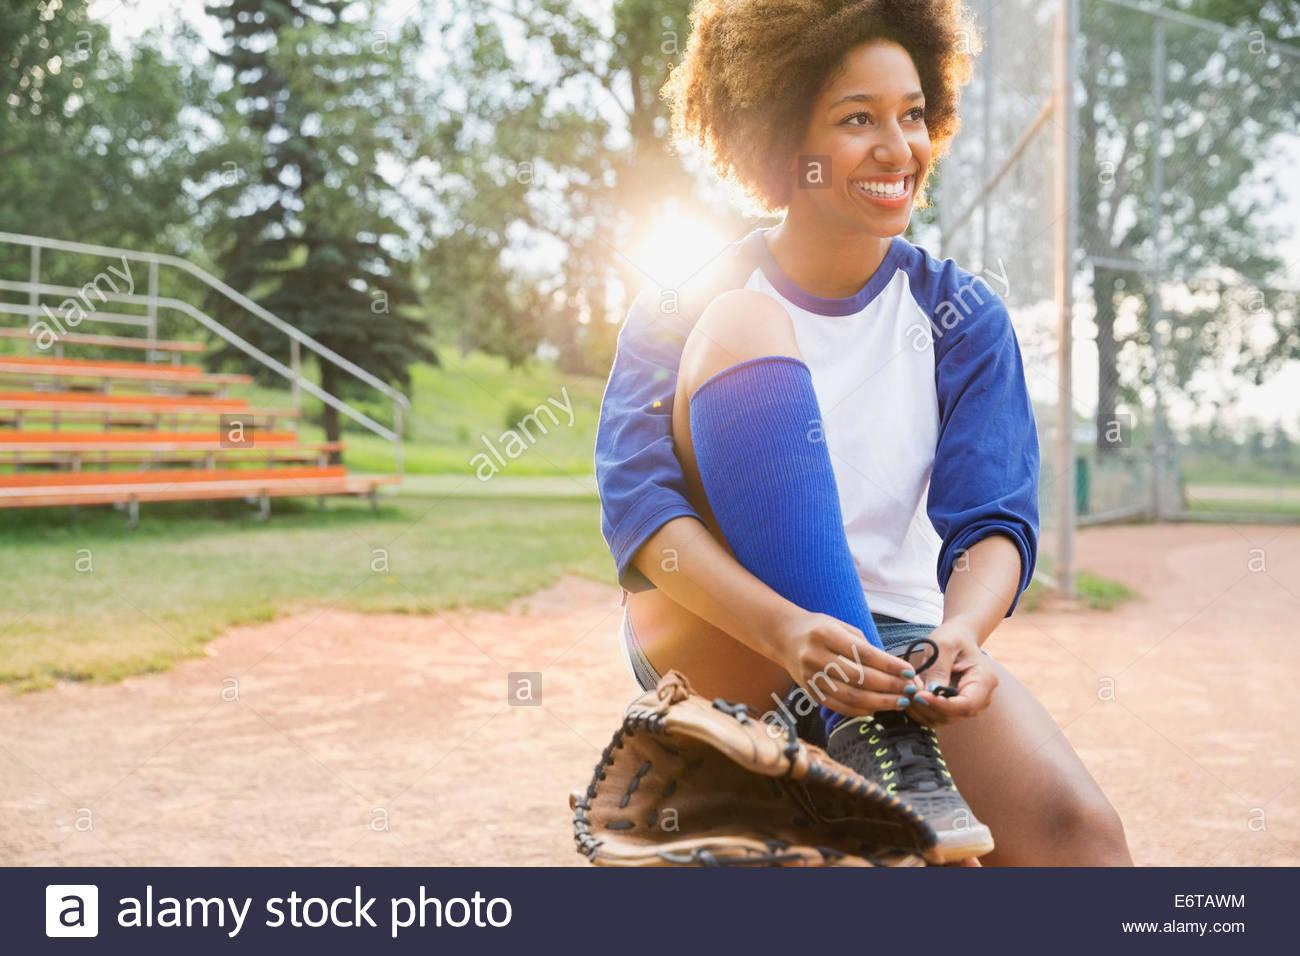 Jugador de béisbol de zapata en campo atado Imagen De Stock